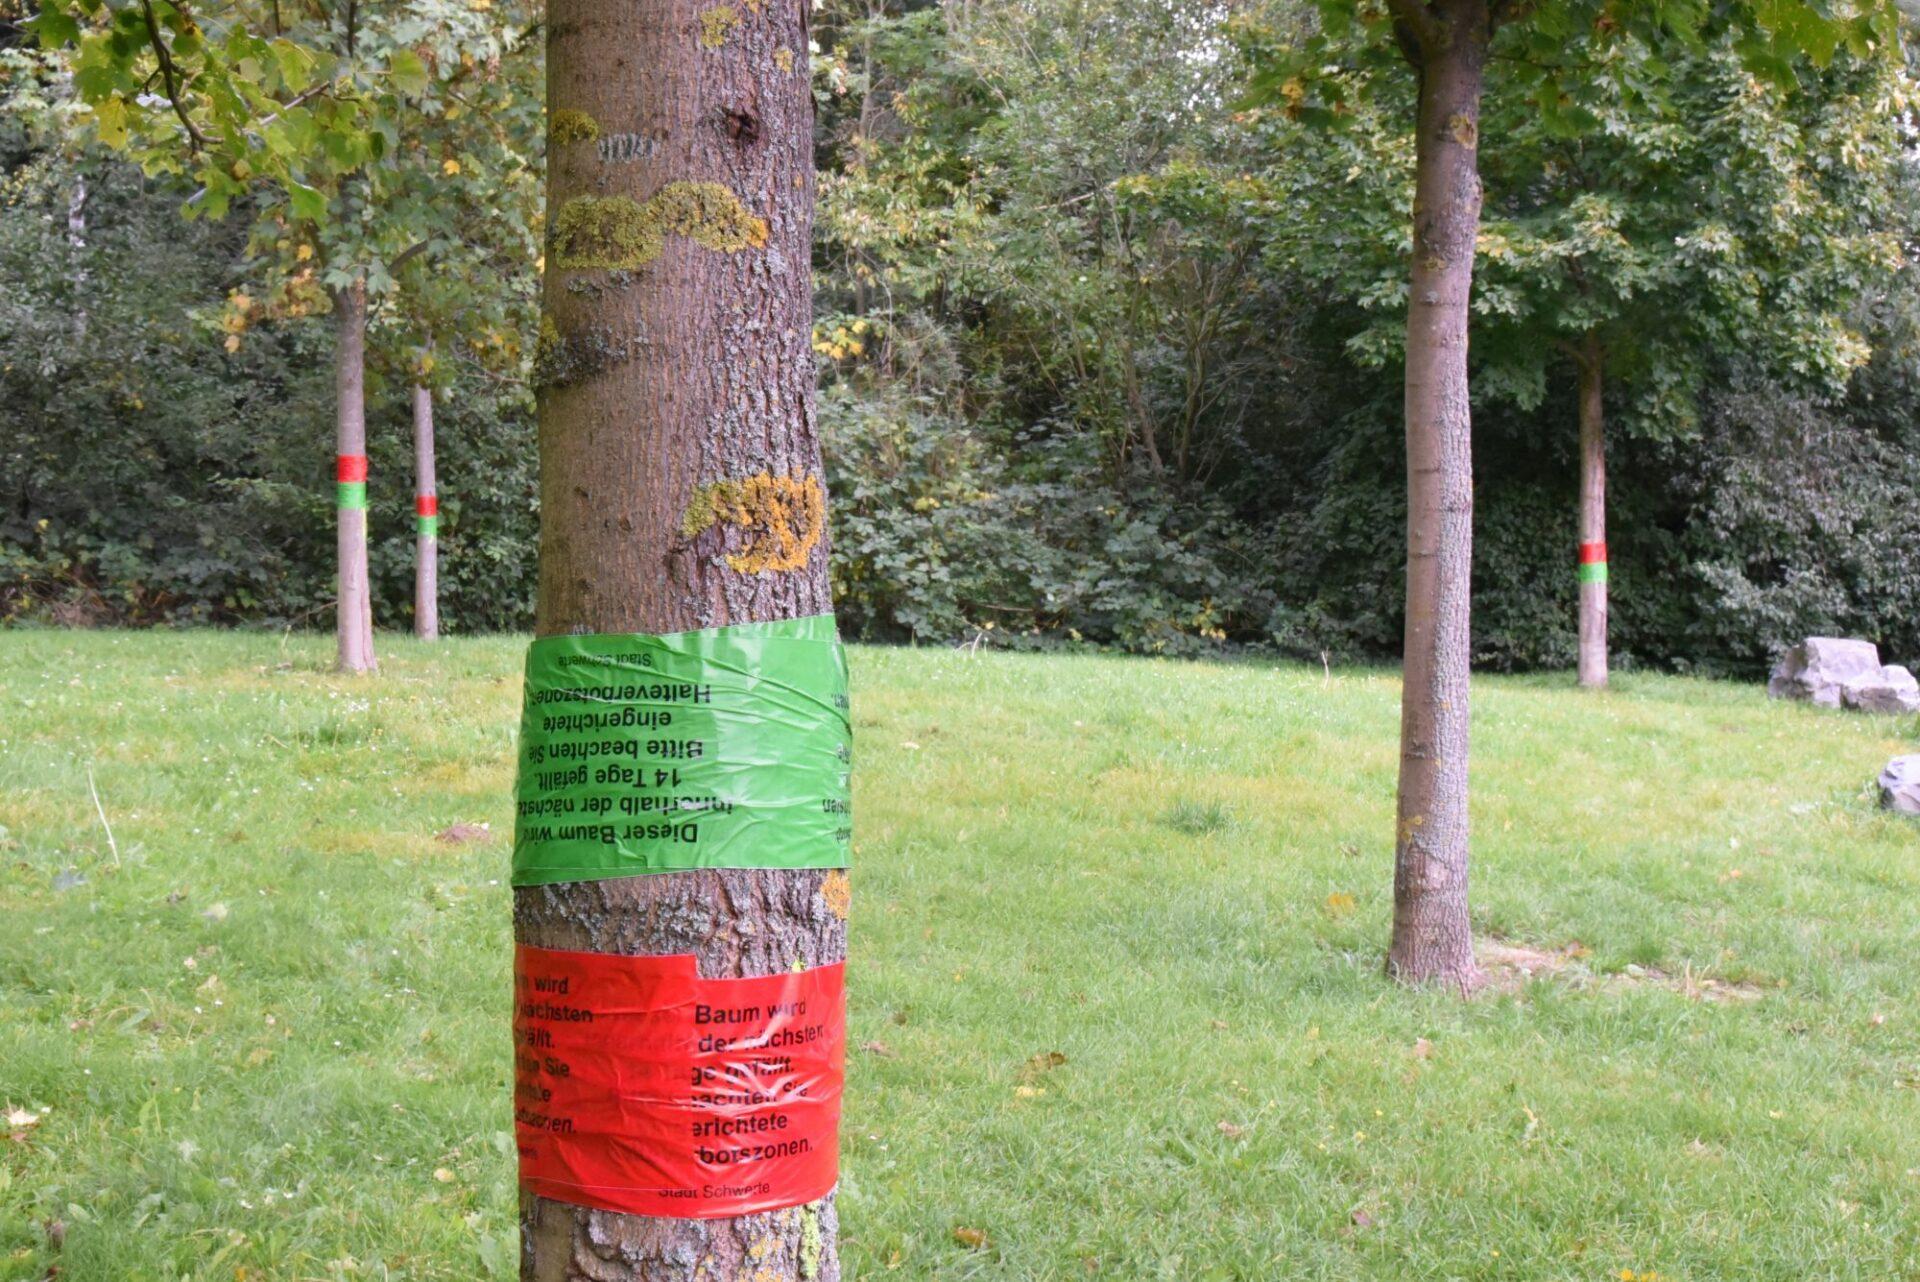 Im Reiche des Wassers: 22 Bäume werden gepflanzt, sechs müssen fallen